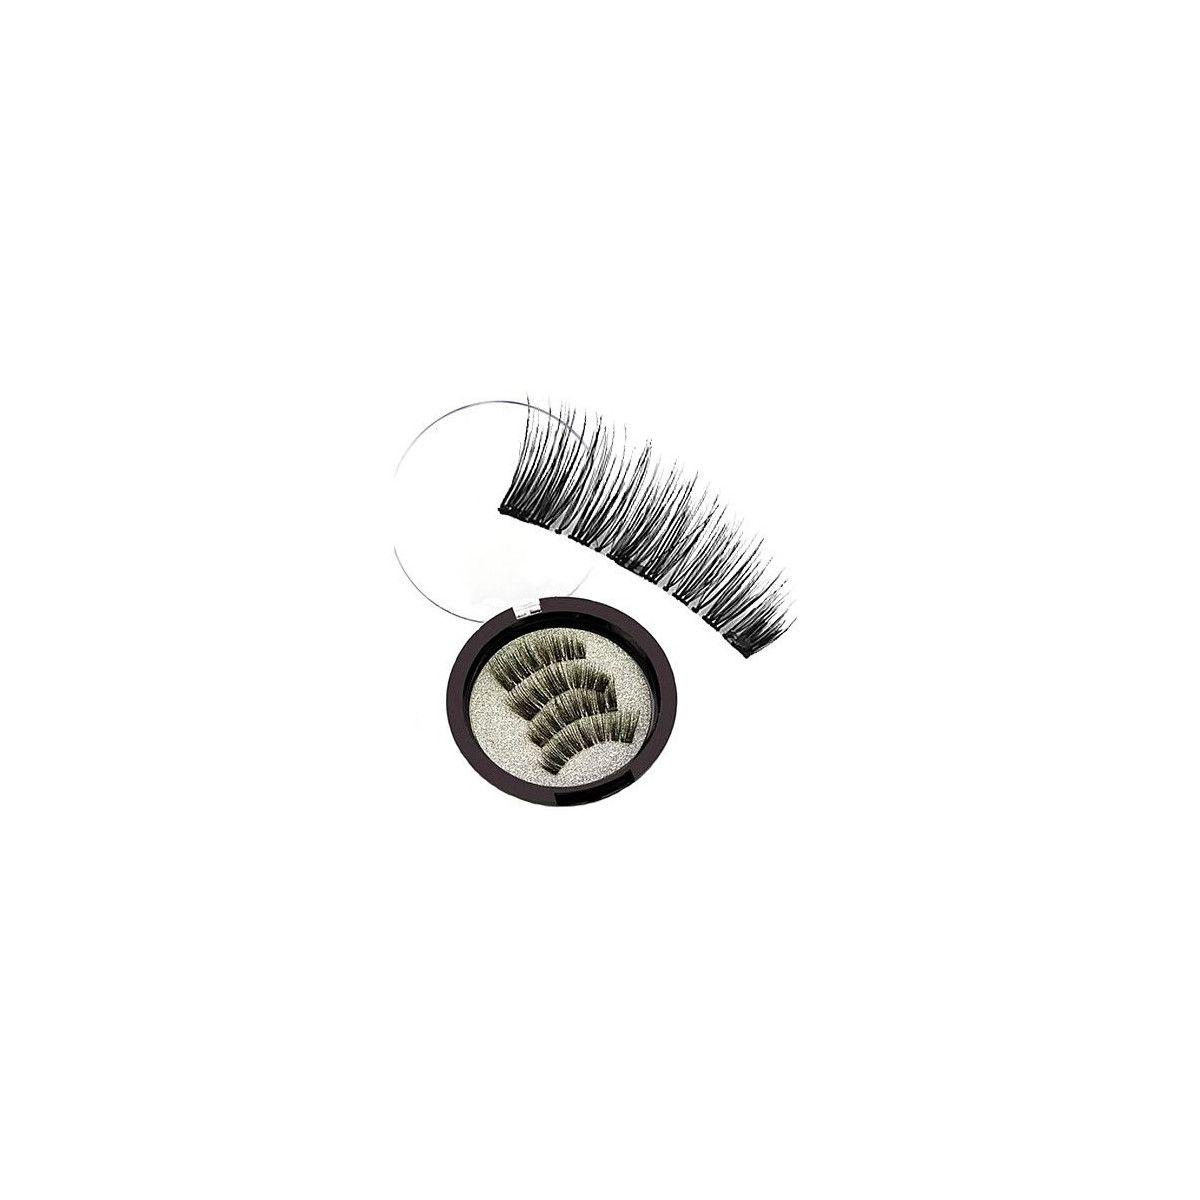 Magnetic Lashes KS02-3 sztuczne rzęsy magnetyczne bez obciążania i sklejania własnych